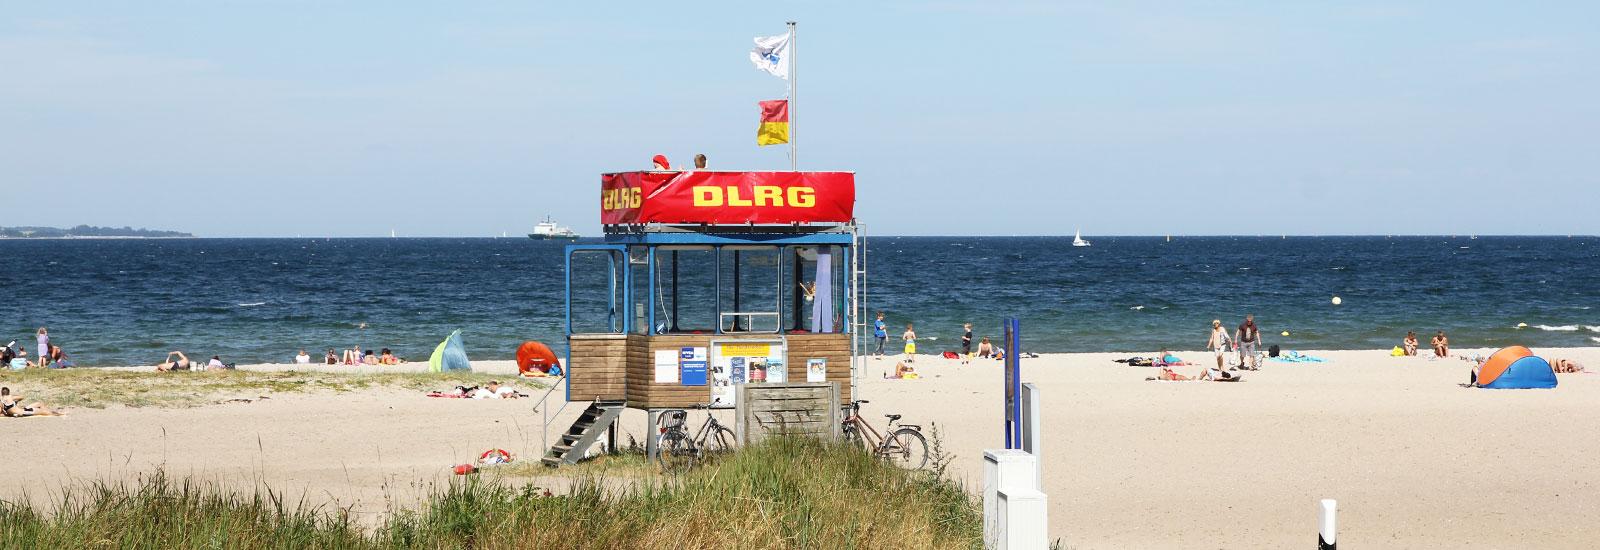 DRLG-Station am Strand